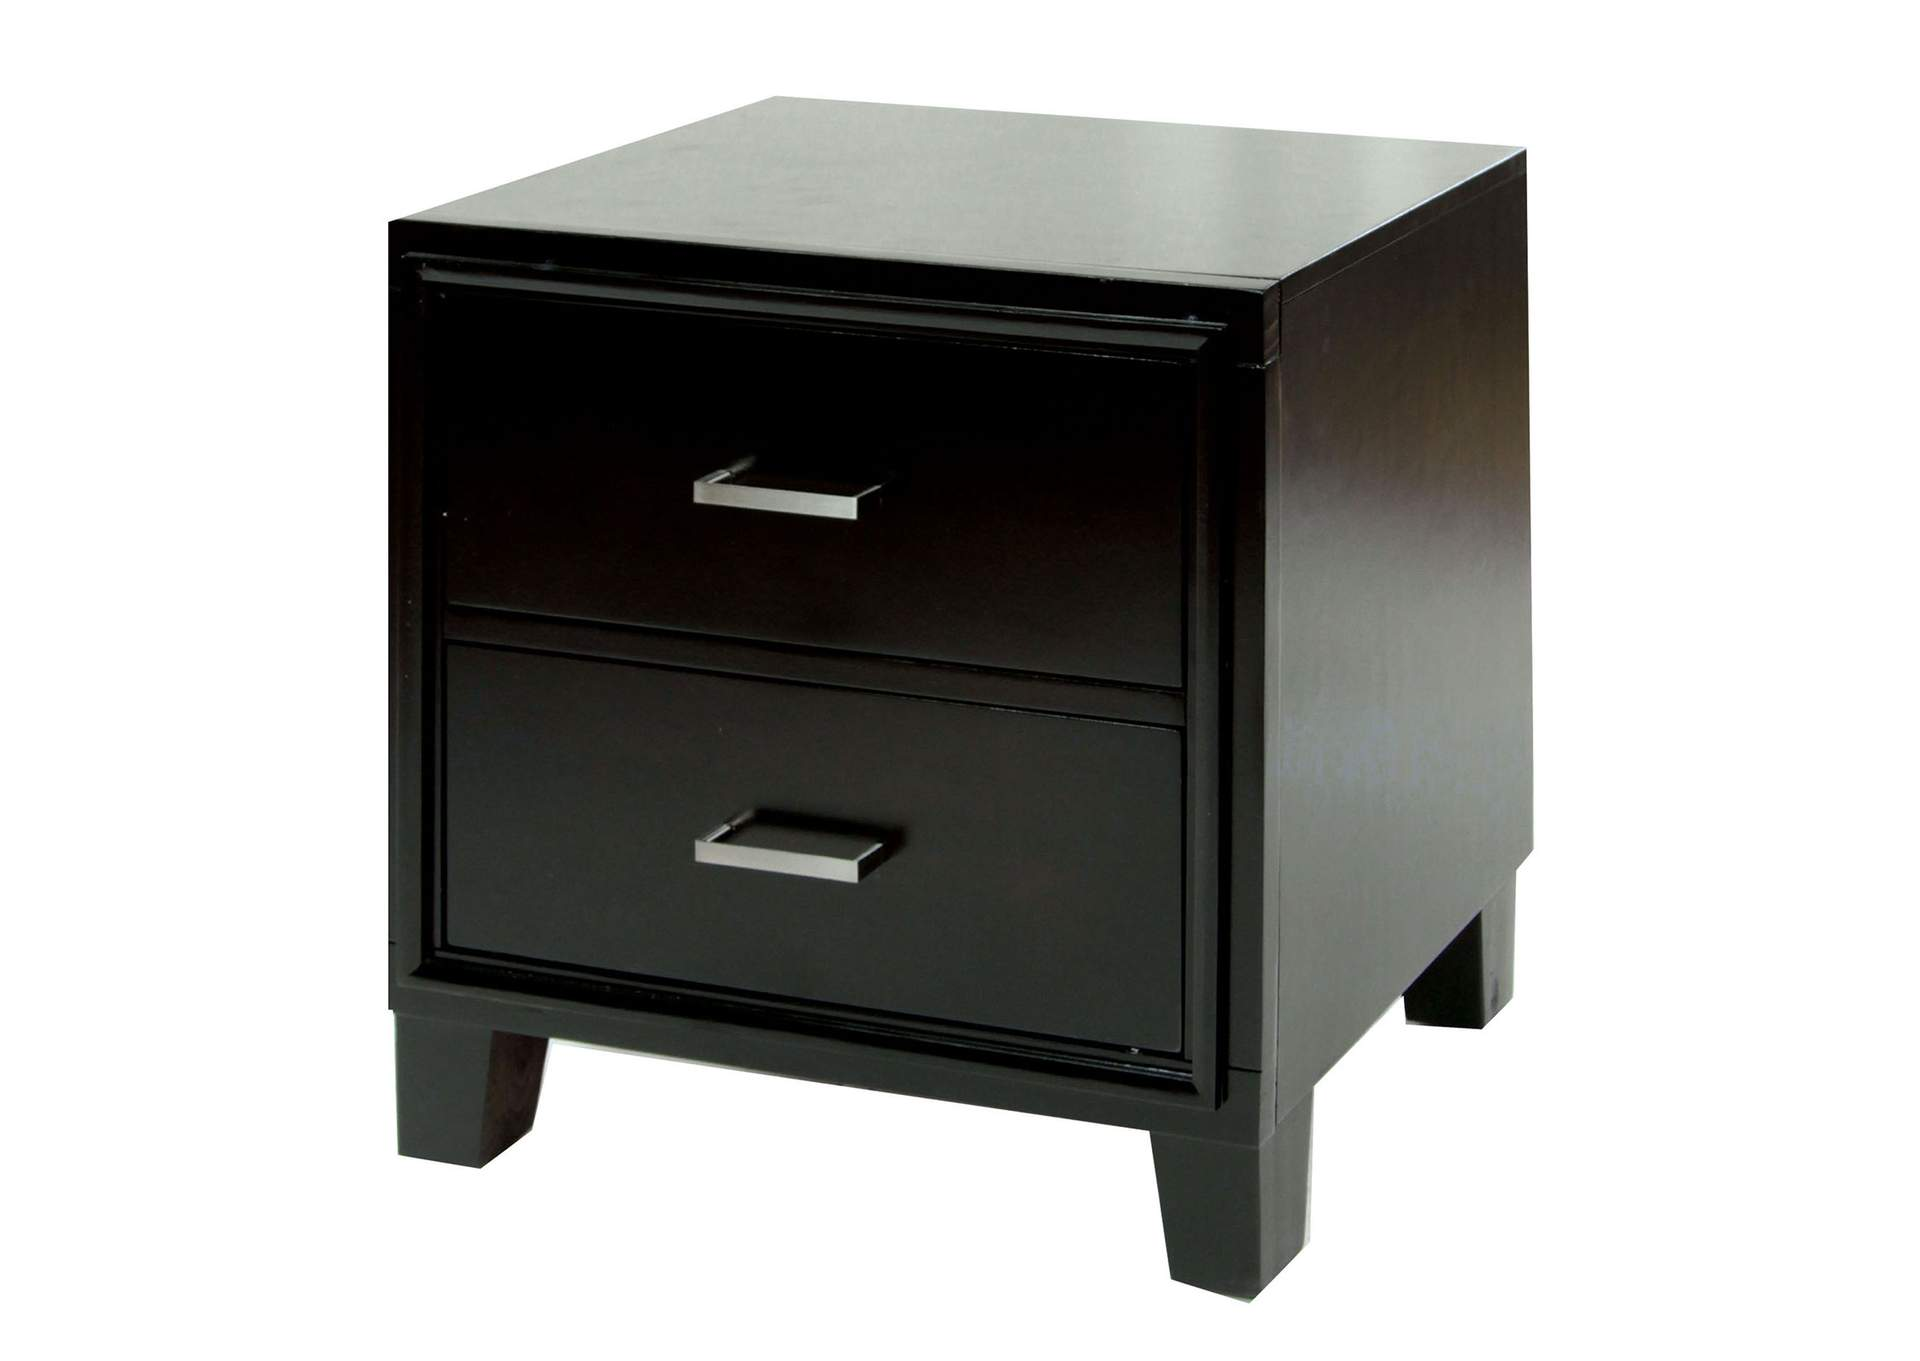 Furniture ville bronx ny gerico ii espresso dresser for Furniture ville